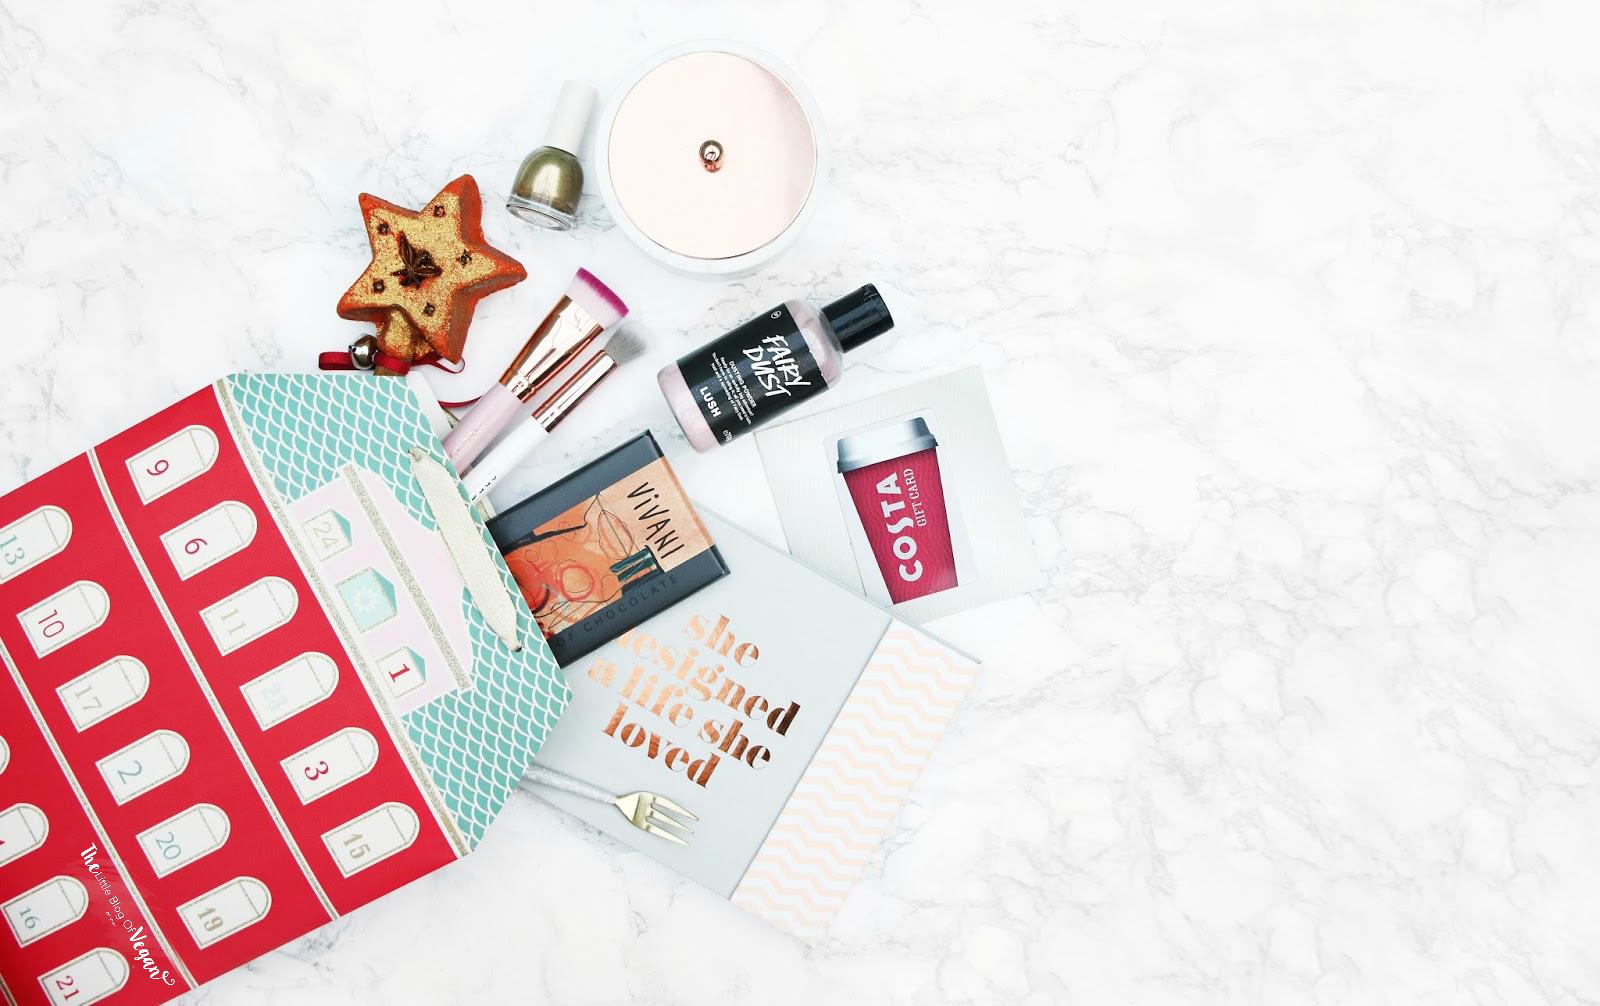 Christmas gift guide 2016 | The Little Blog Of Vegan